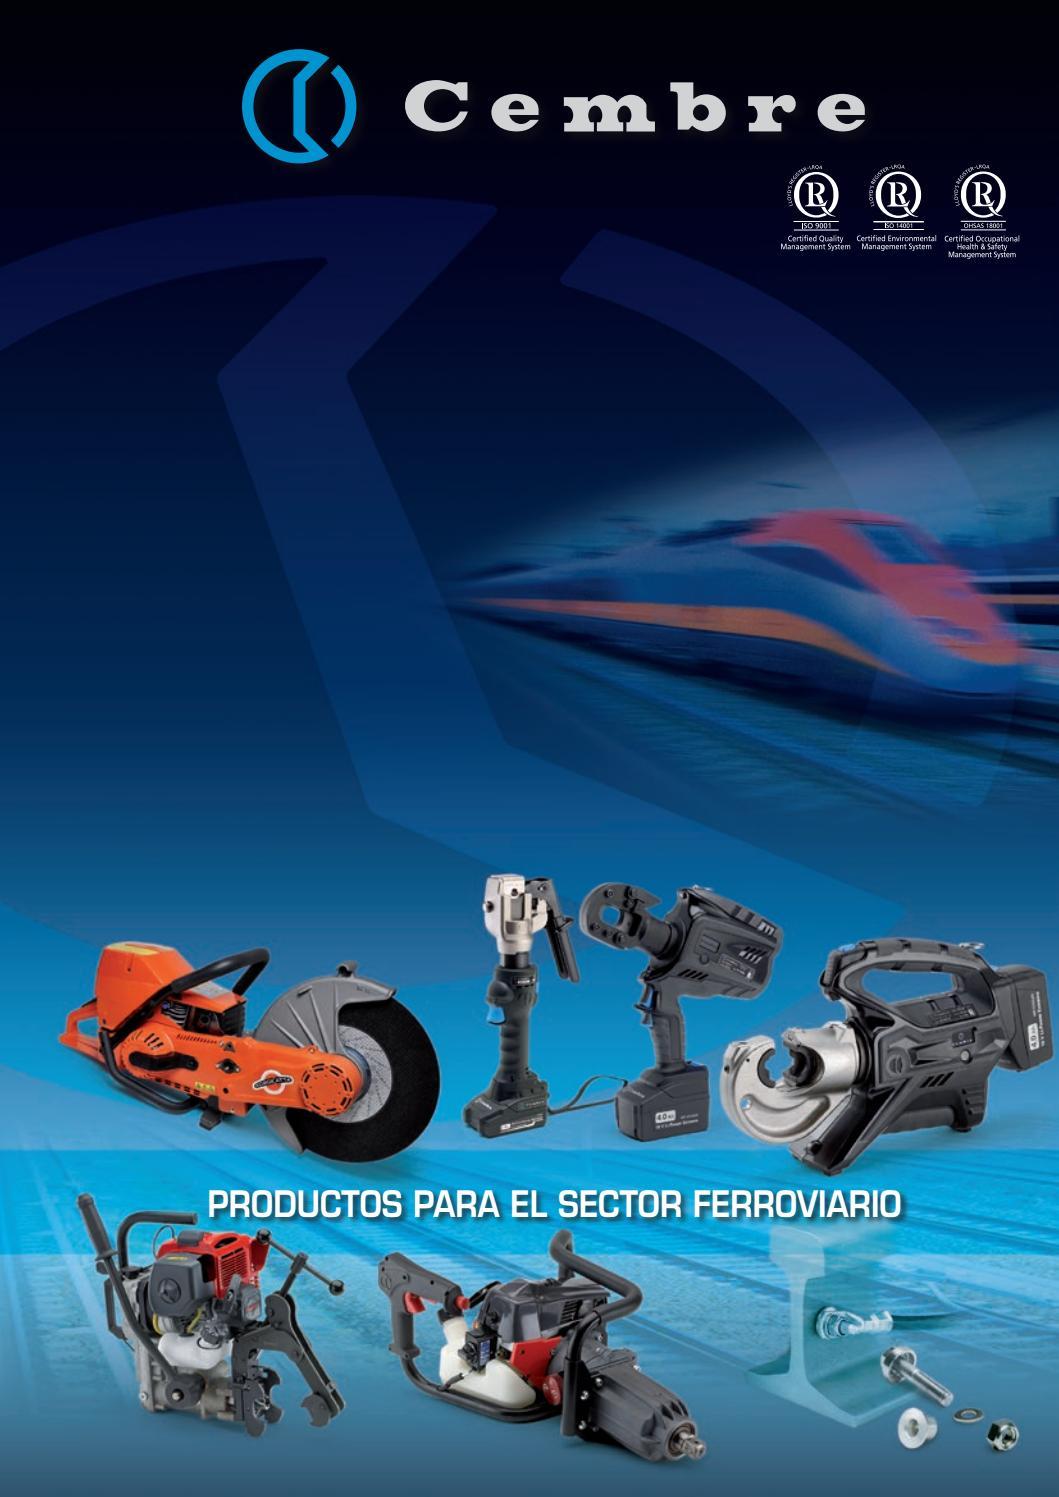 Productos para el sector ferroviario by Cembre S.p.A. - issuu